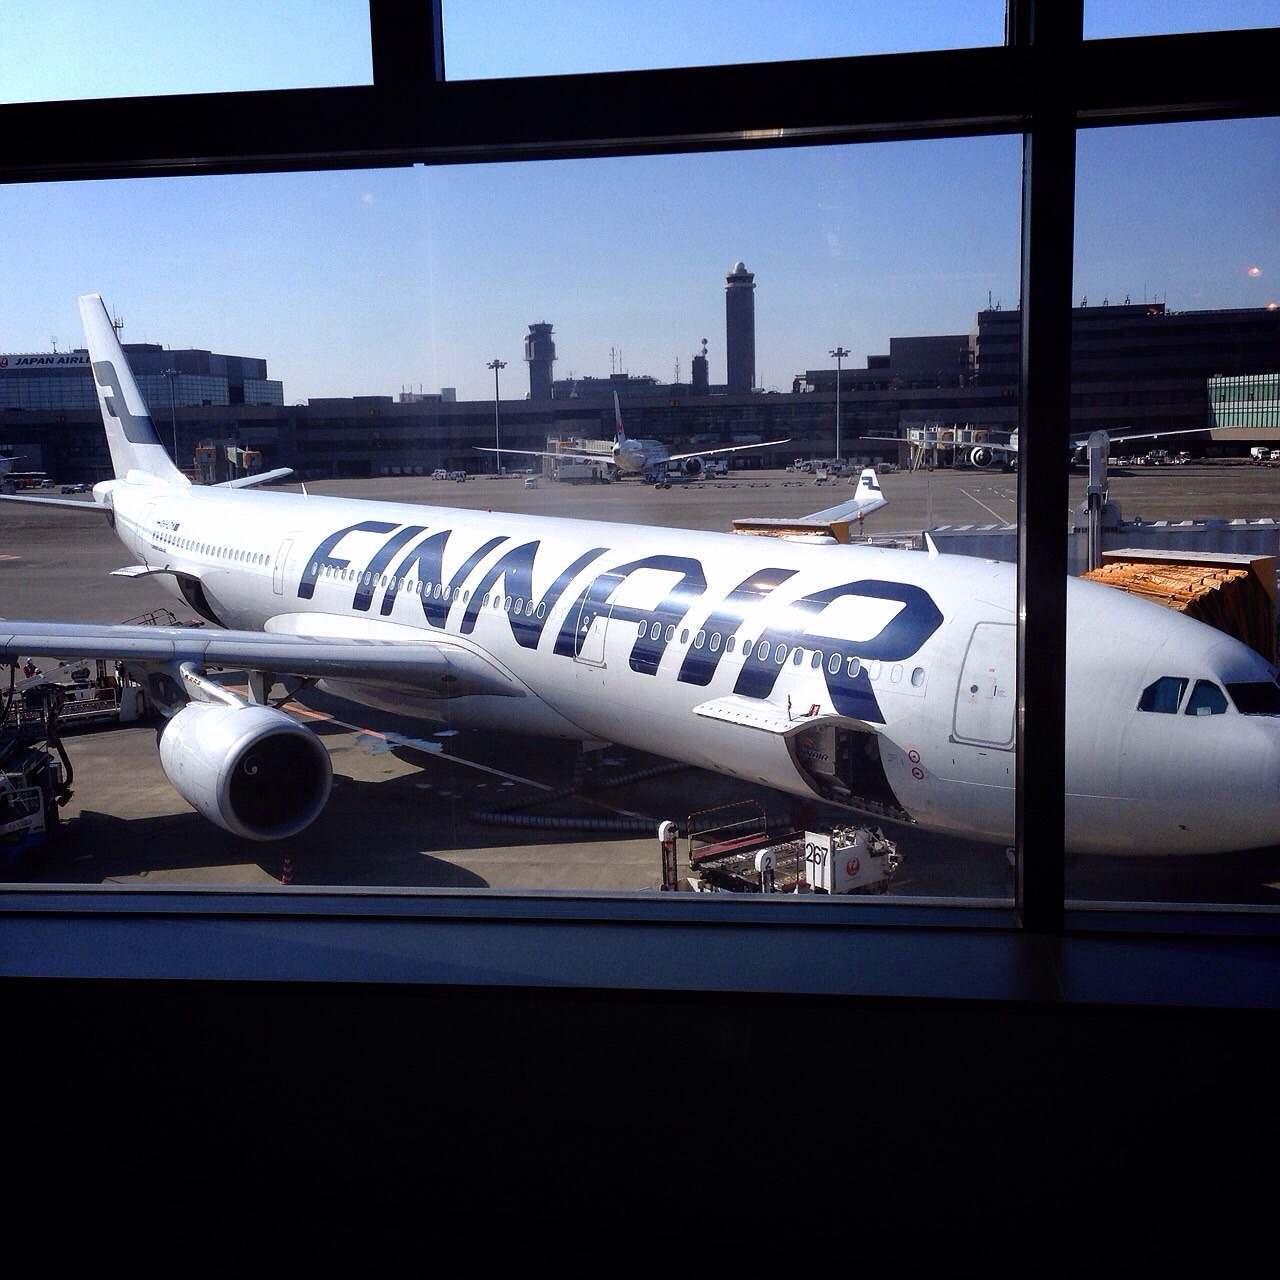 【最近のベスト旅行】②フィンランド 可愛い機内で出発~イヴァロ空港到着編☆